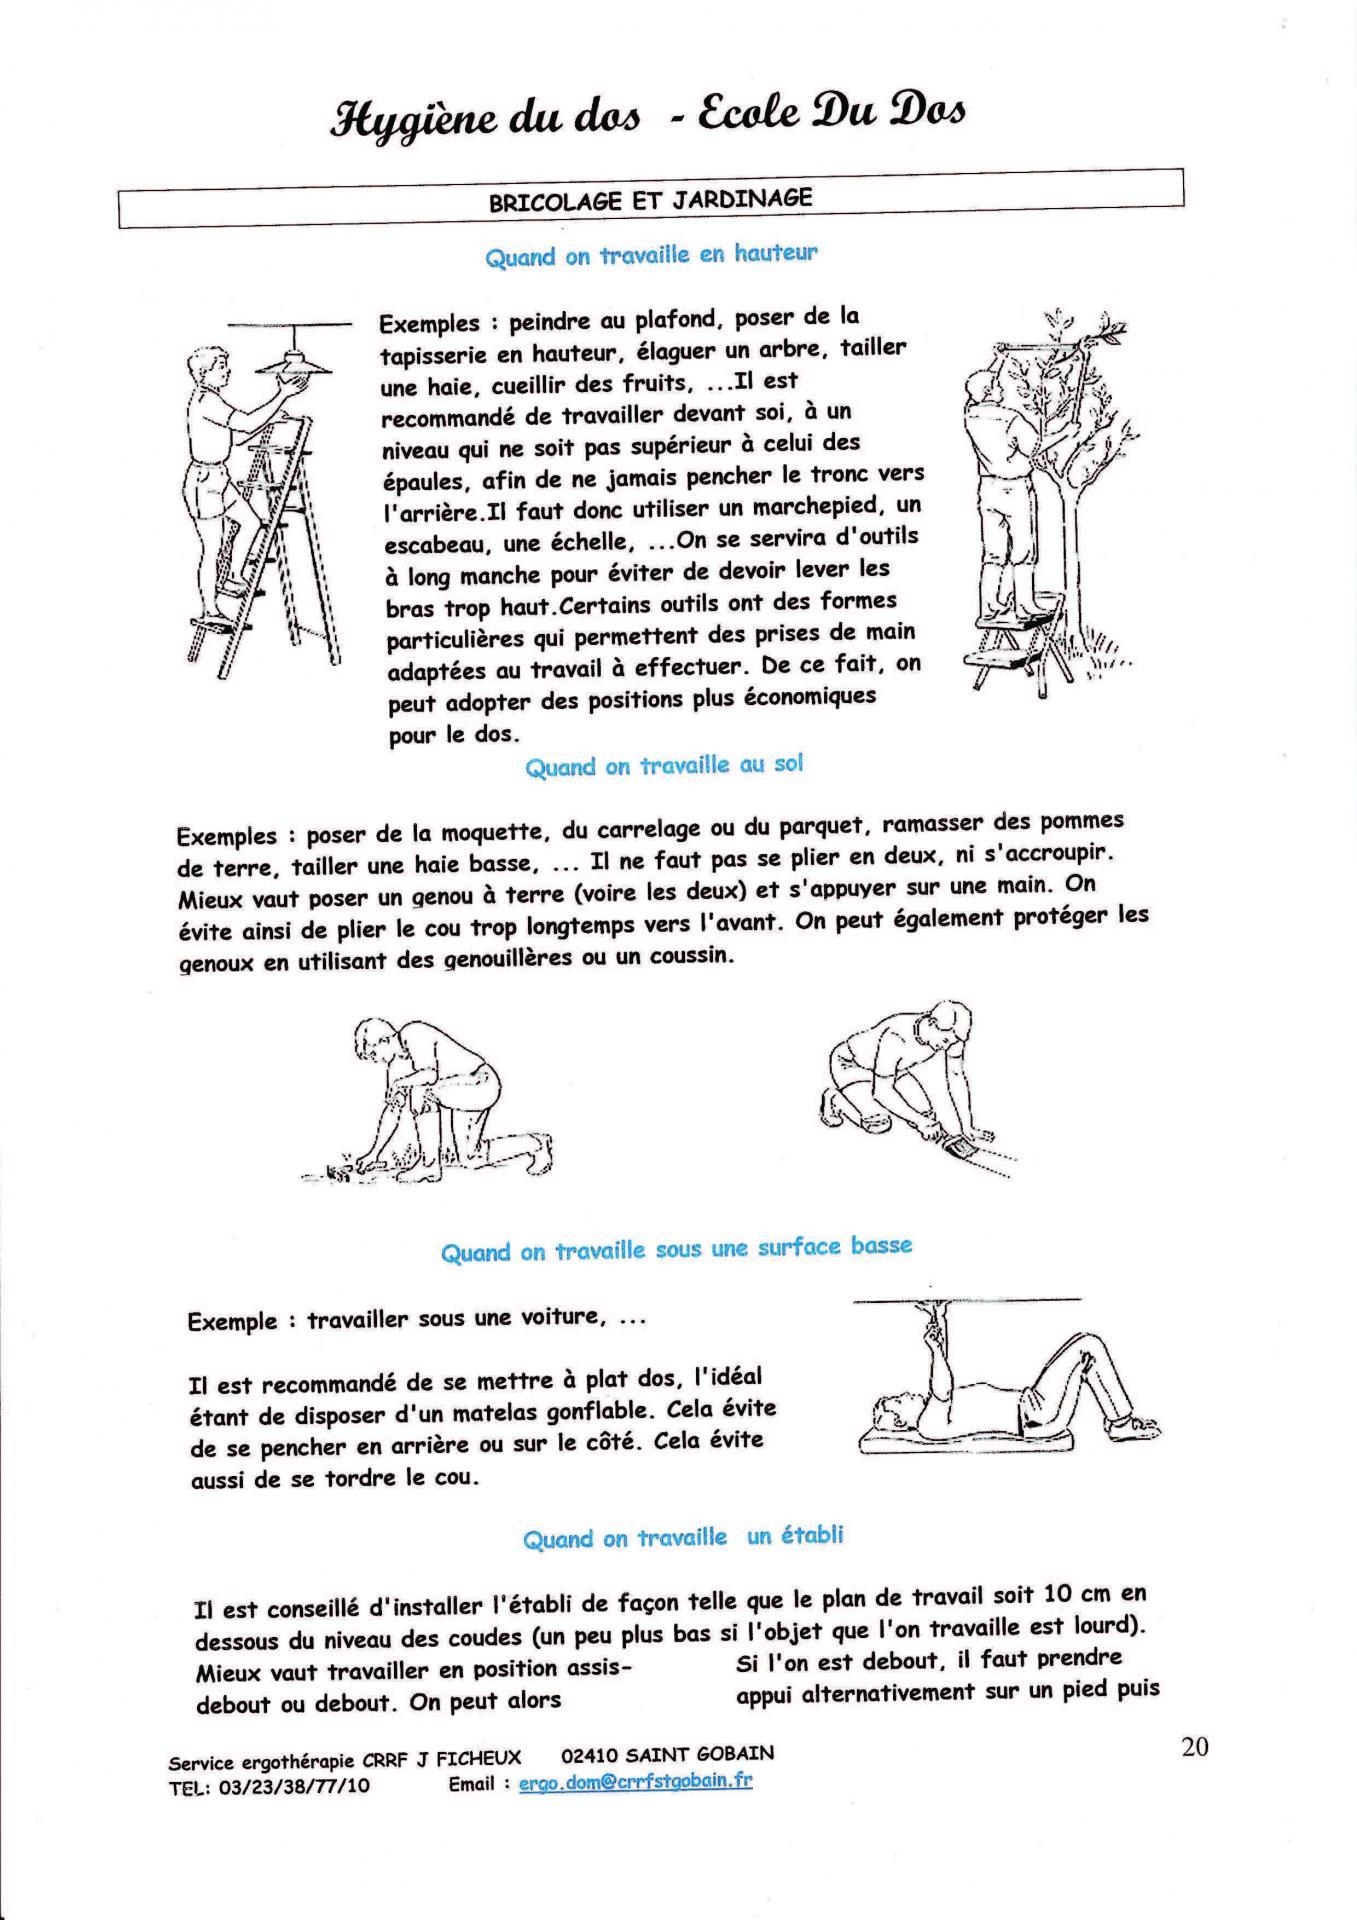 Ecole du dos pdfbis page 20